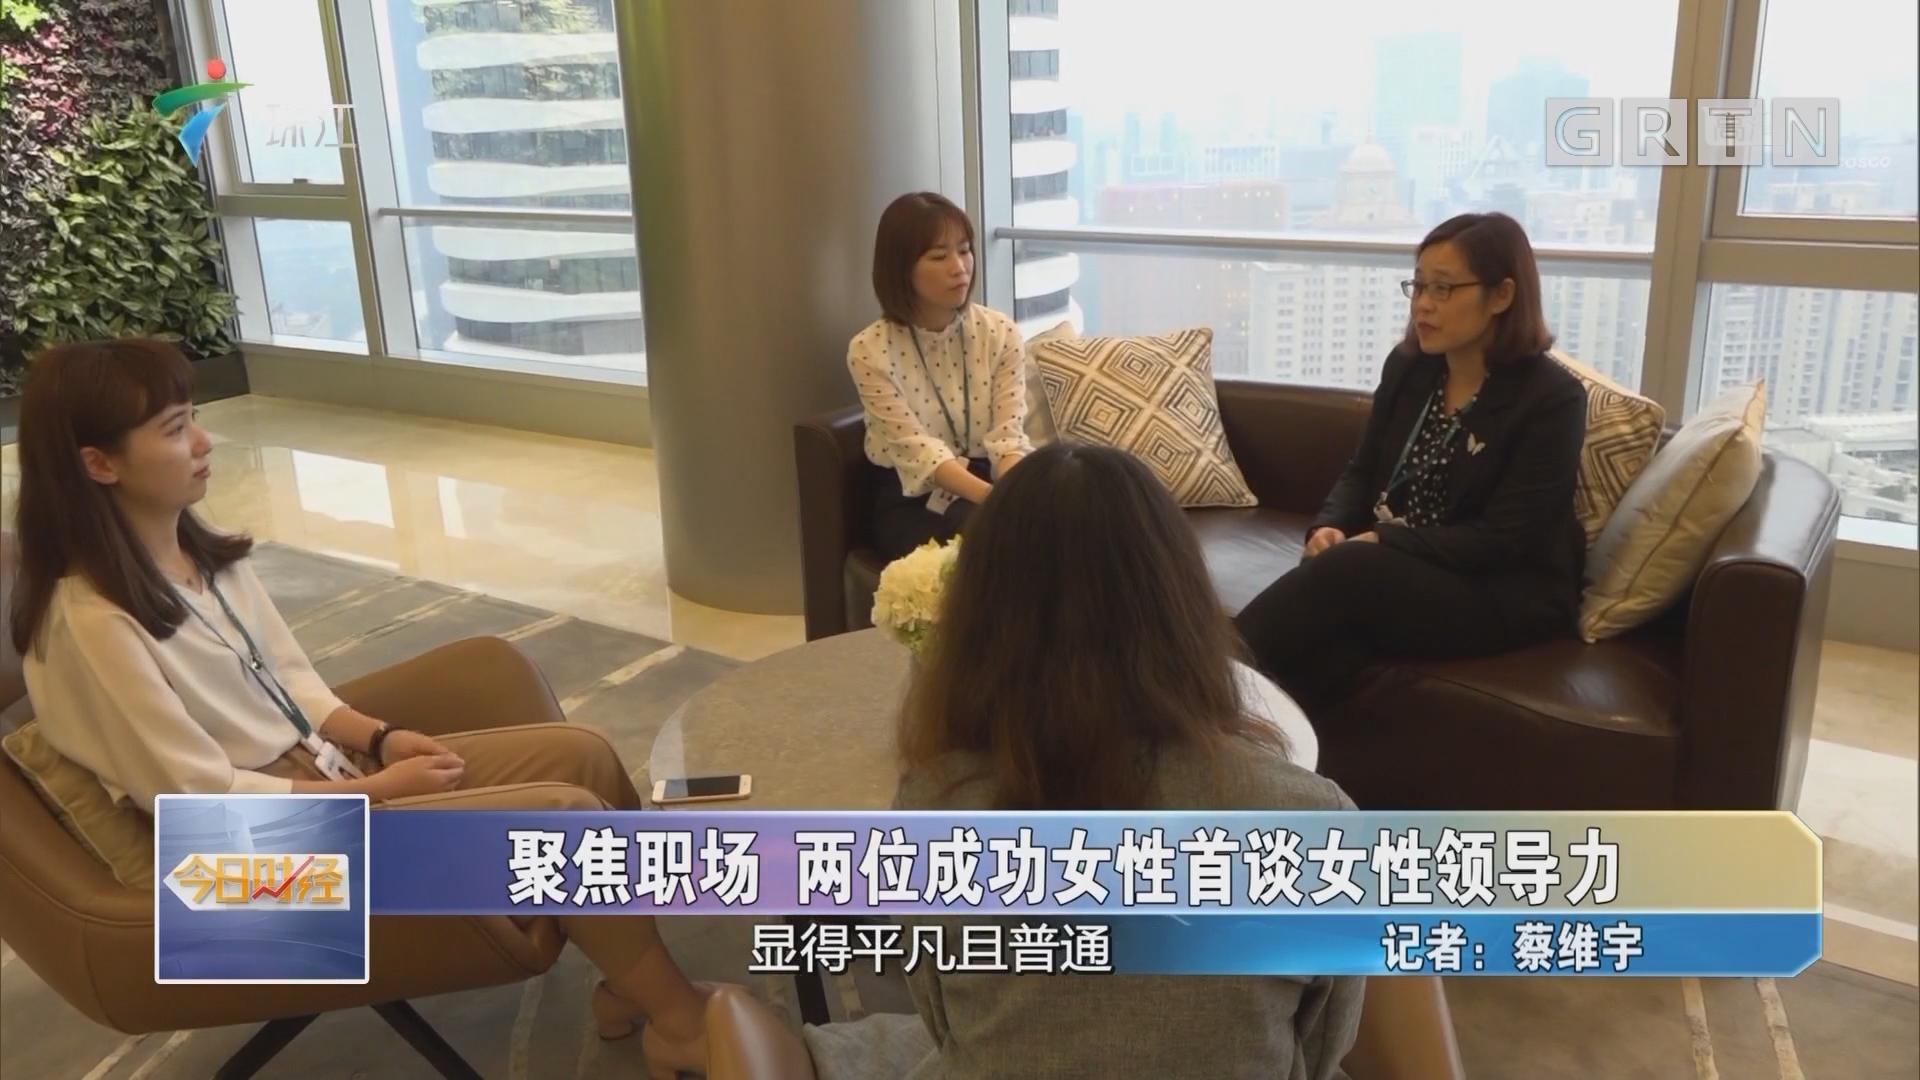 聚焦职场 两位成功女性首谈女性领导力